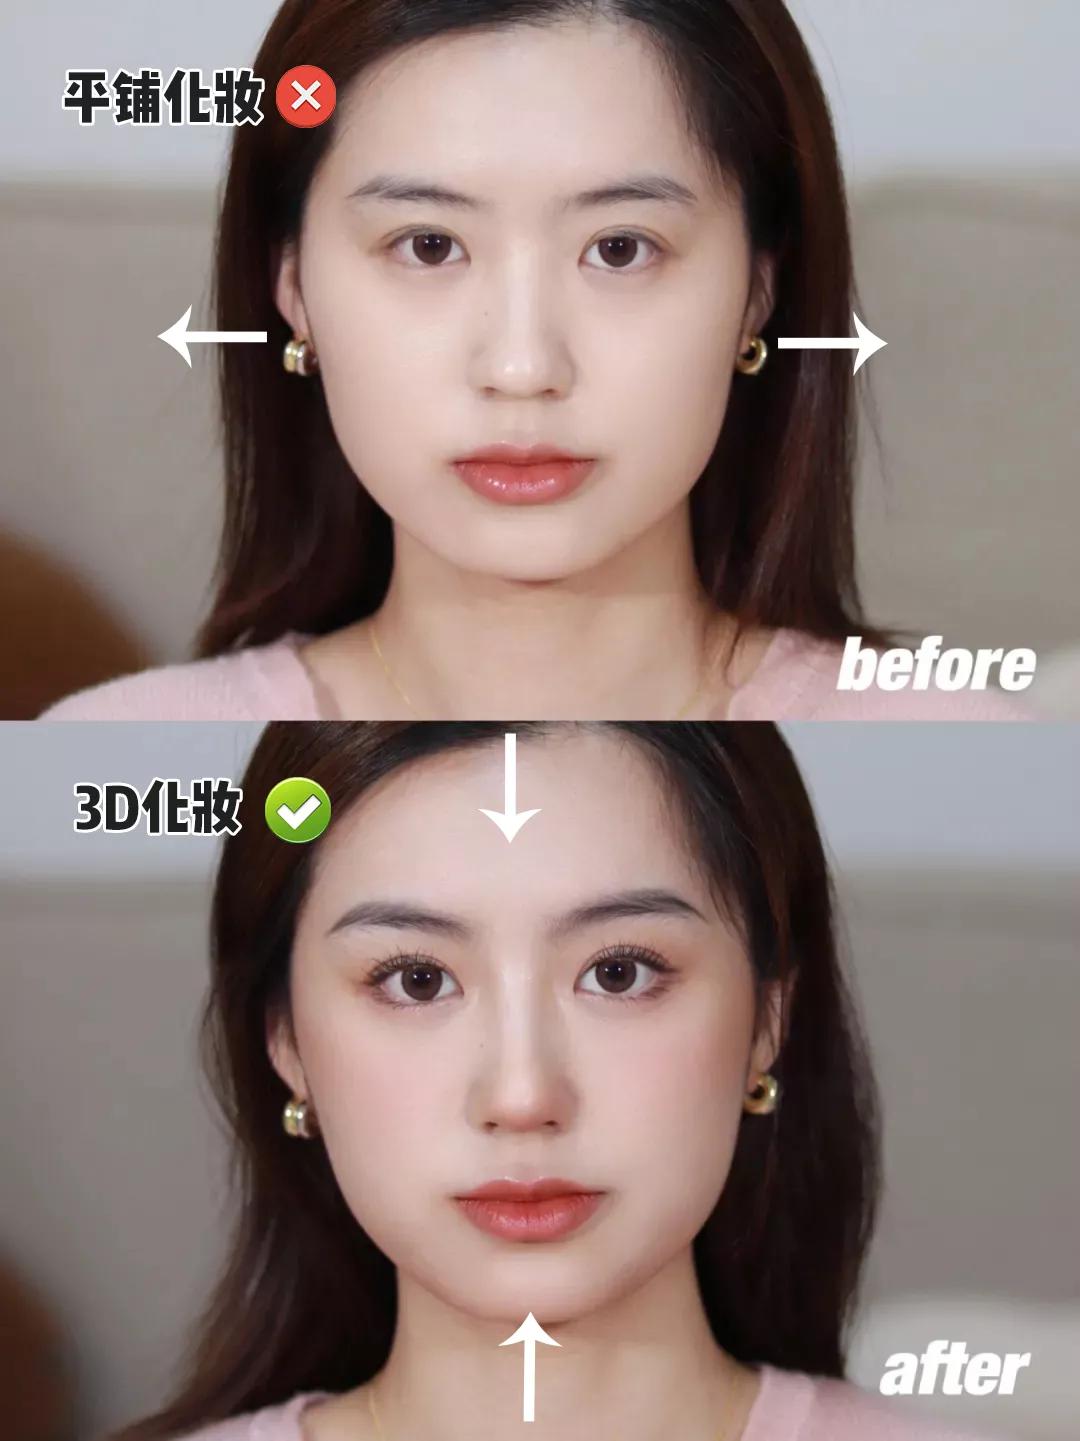 """新手化妆别贪多!记住这4个步骤,5分钟就能让你""""光彩照人"""""""